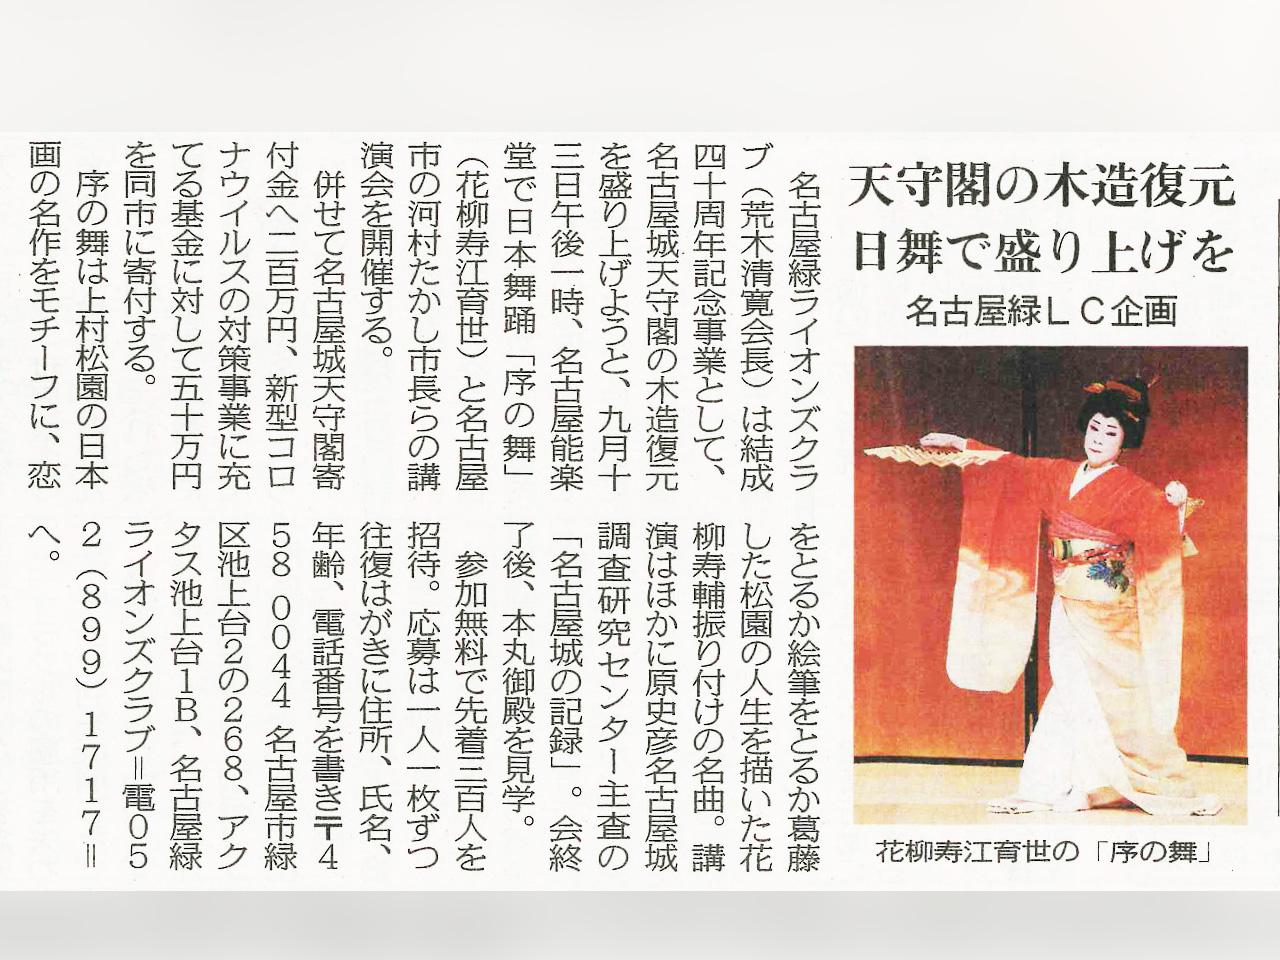 名古屋能楽堂で日本舞踊・講演会開催の記事